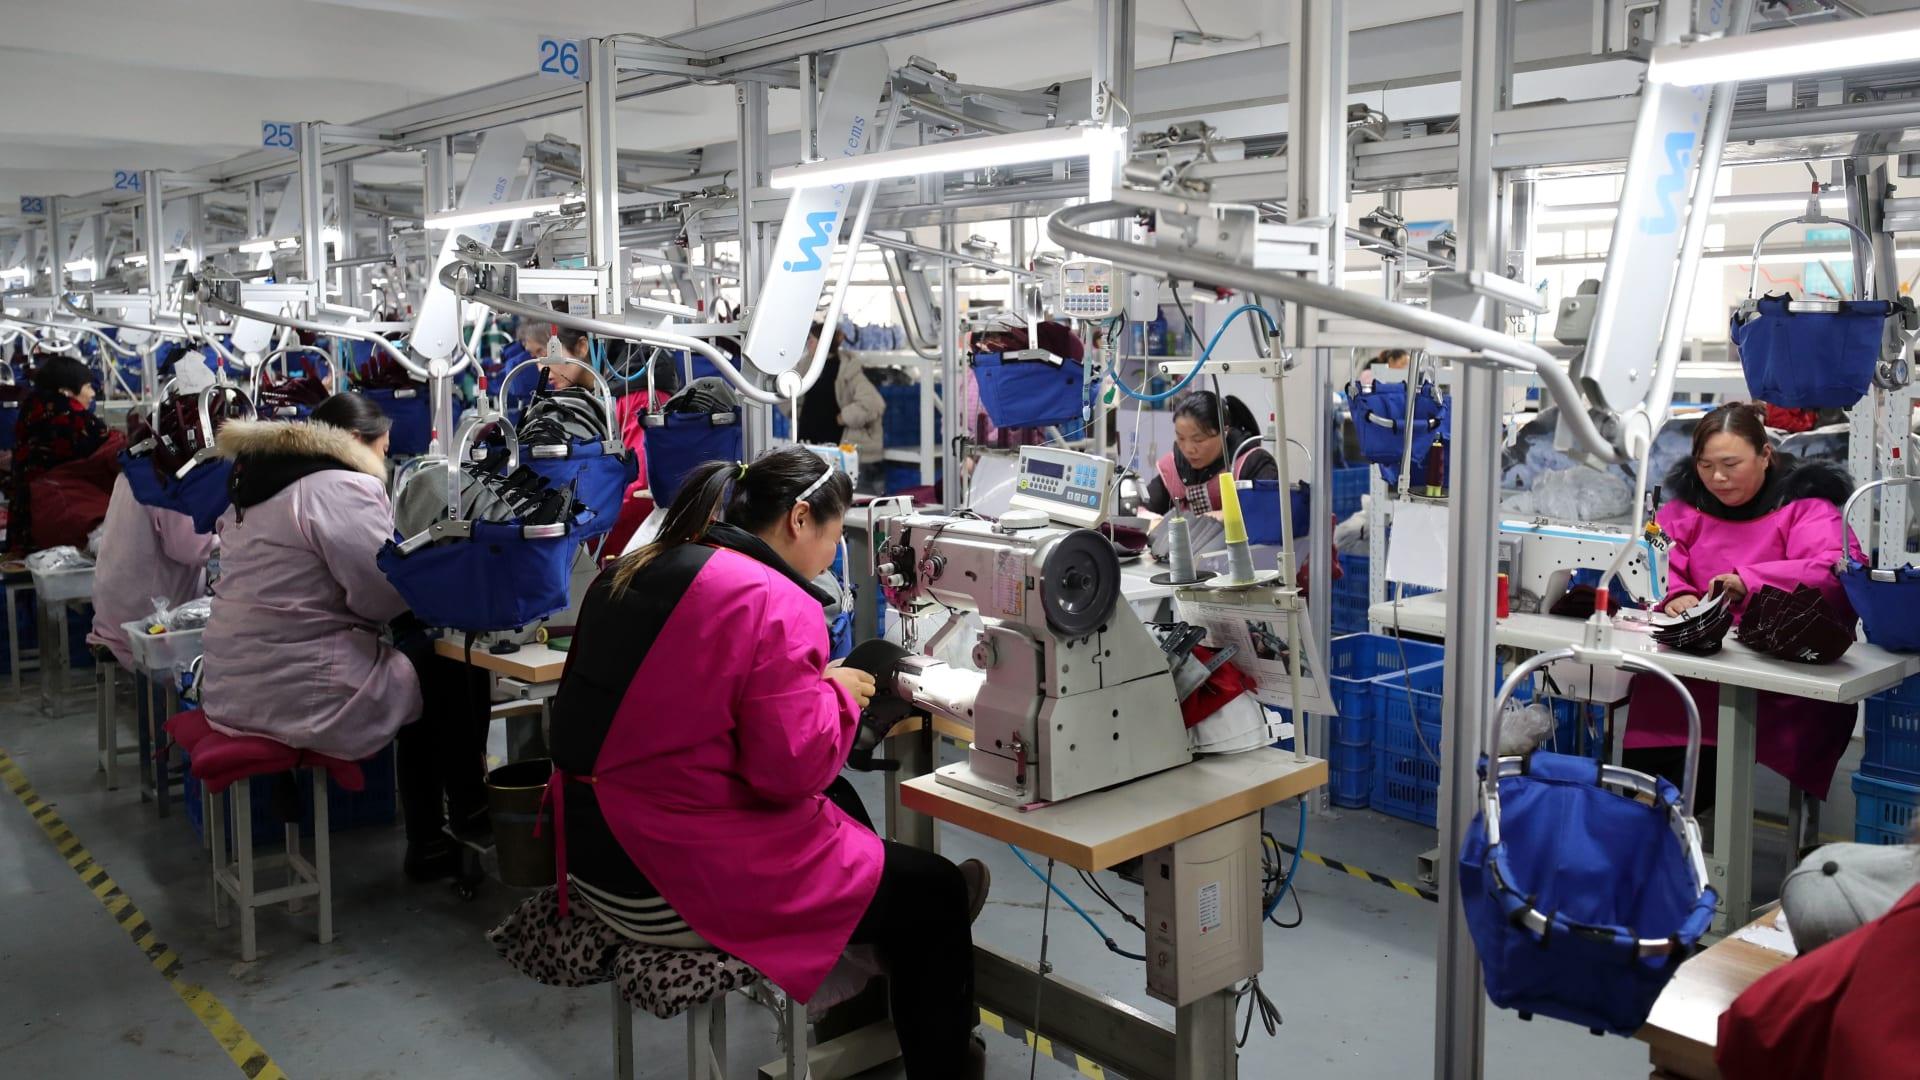 مسؤول: الصين ستواجه ضغوطا كبيرة في معدلات التوظيف خلال 2019